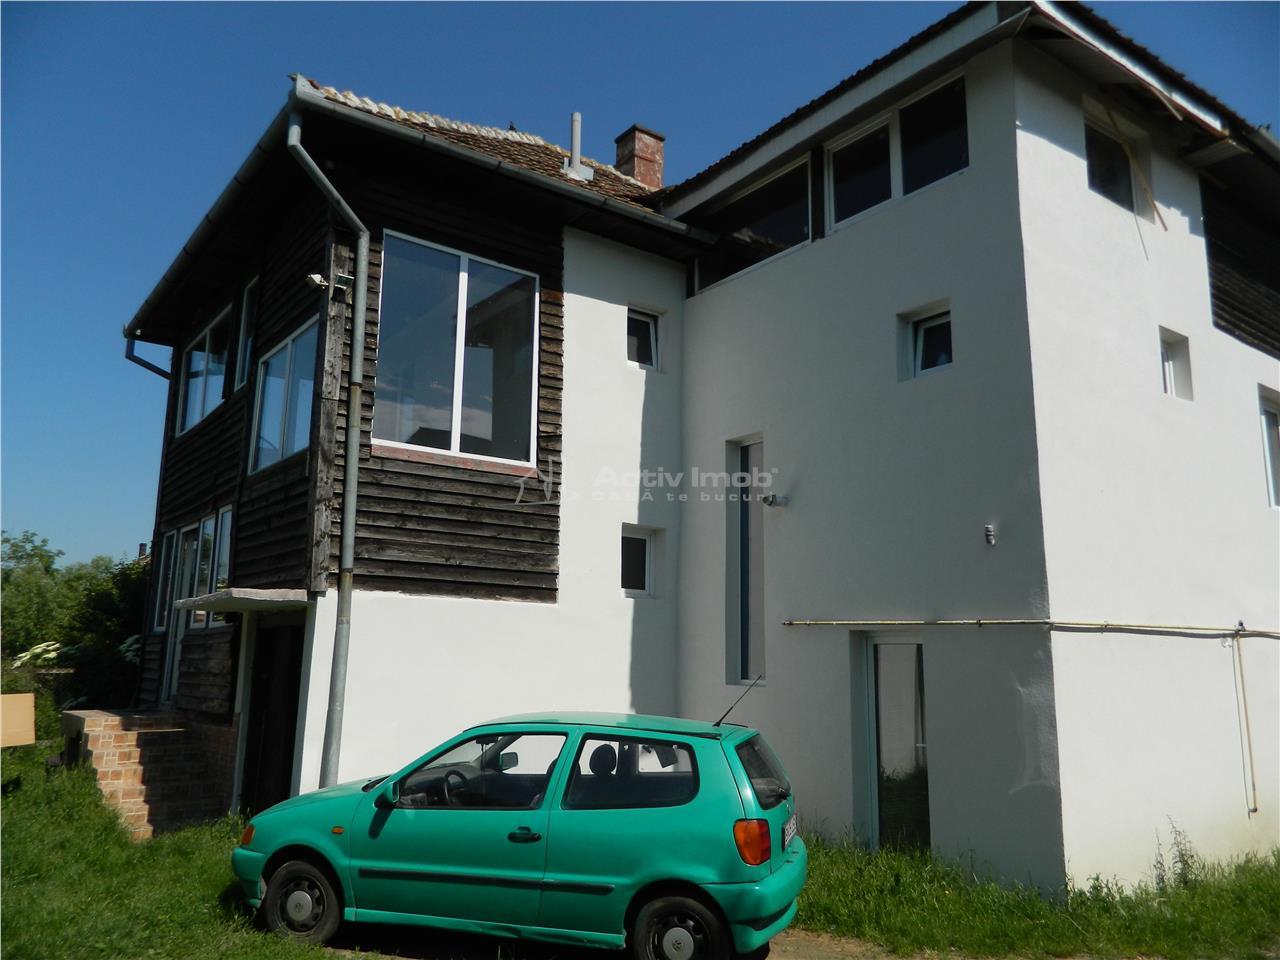 Casa   8 camere   3 intrari   zona linistita